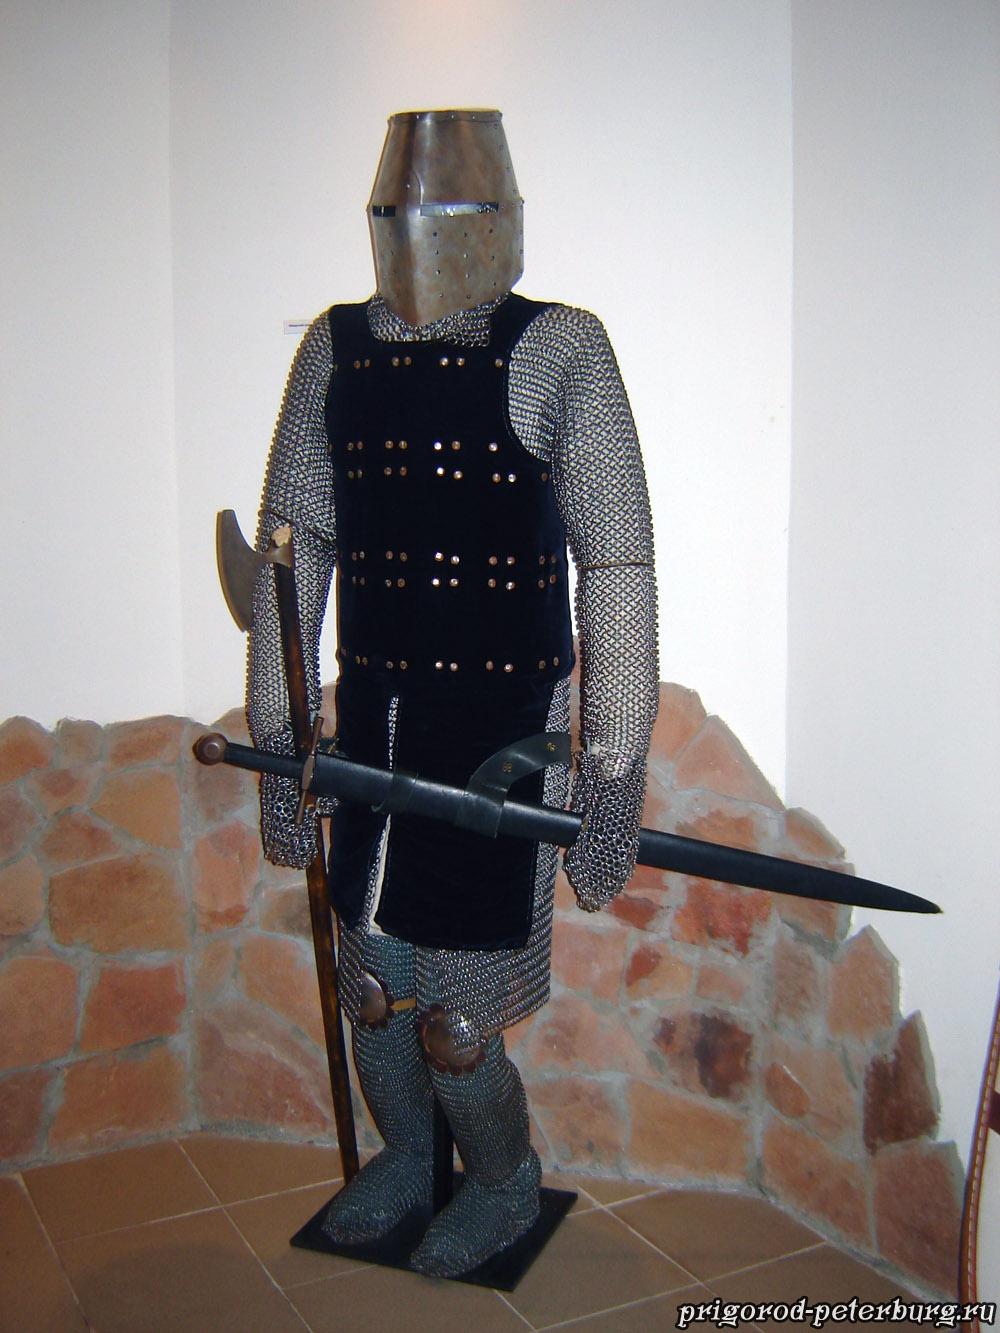 Невская битва 1240 - шведский рыцарь